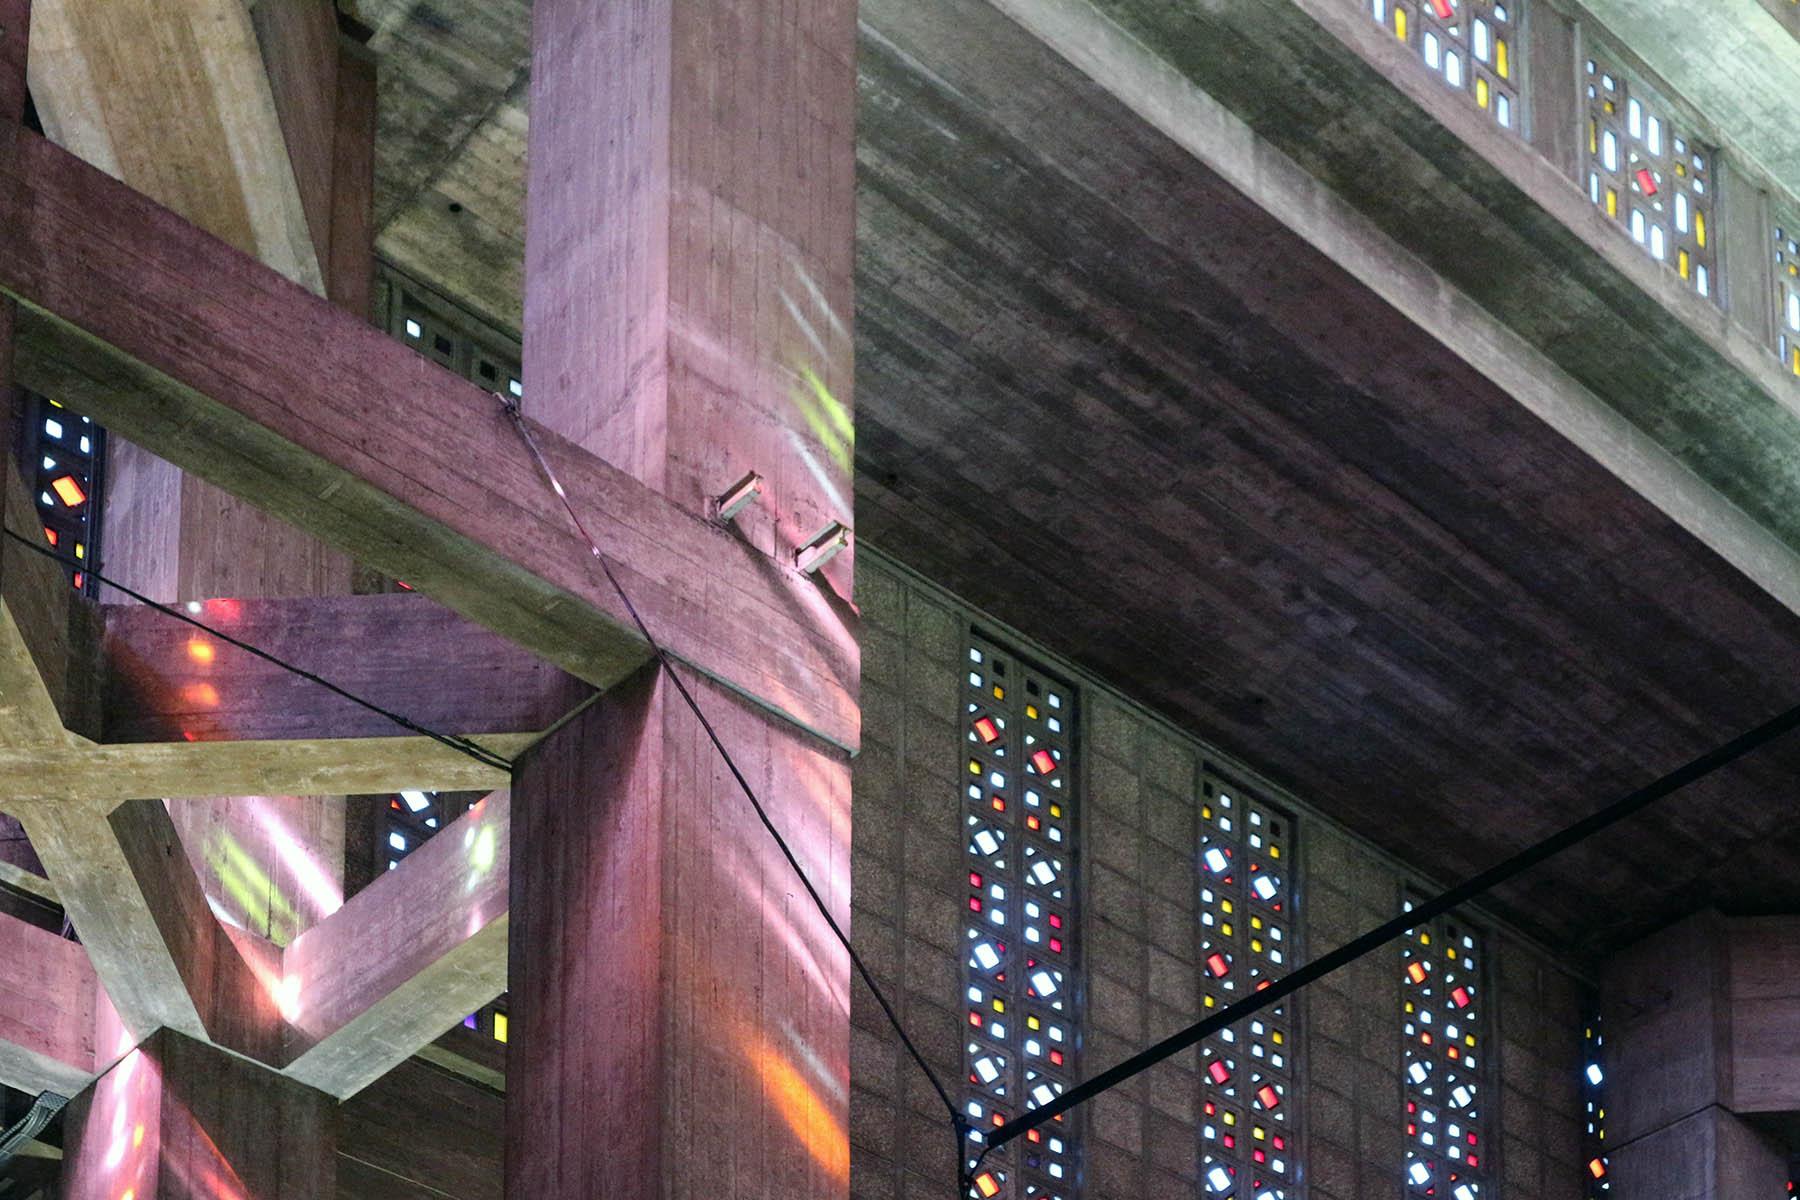 Église Saint-Joseph du Havre. Jede Fassadenansicht wird von einem eigenen Farbkanon bestimmt. Sie symbolisieren Christi Geburt, die Jungfrau Maria, Kraft und die Herrlichkeit Gottes.